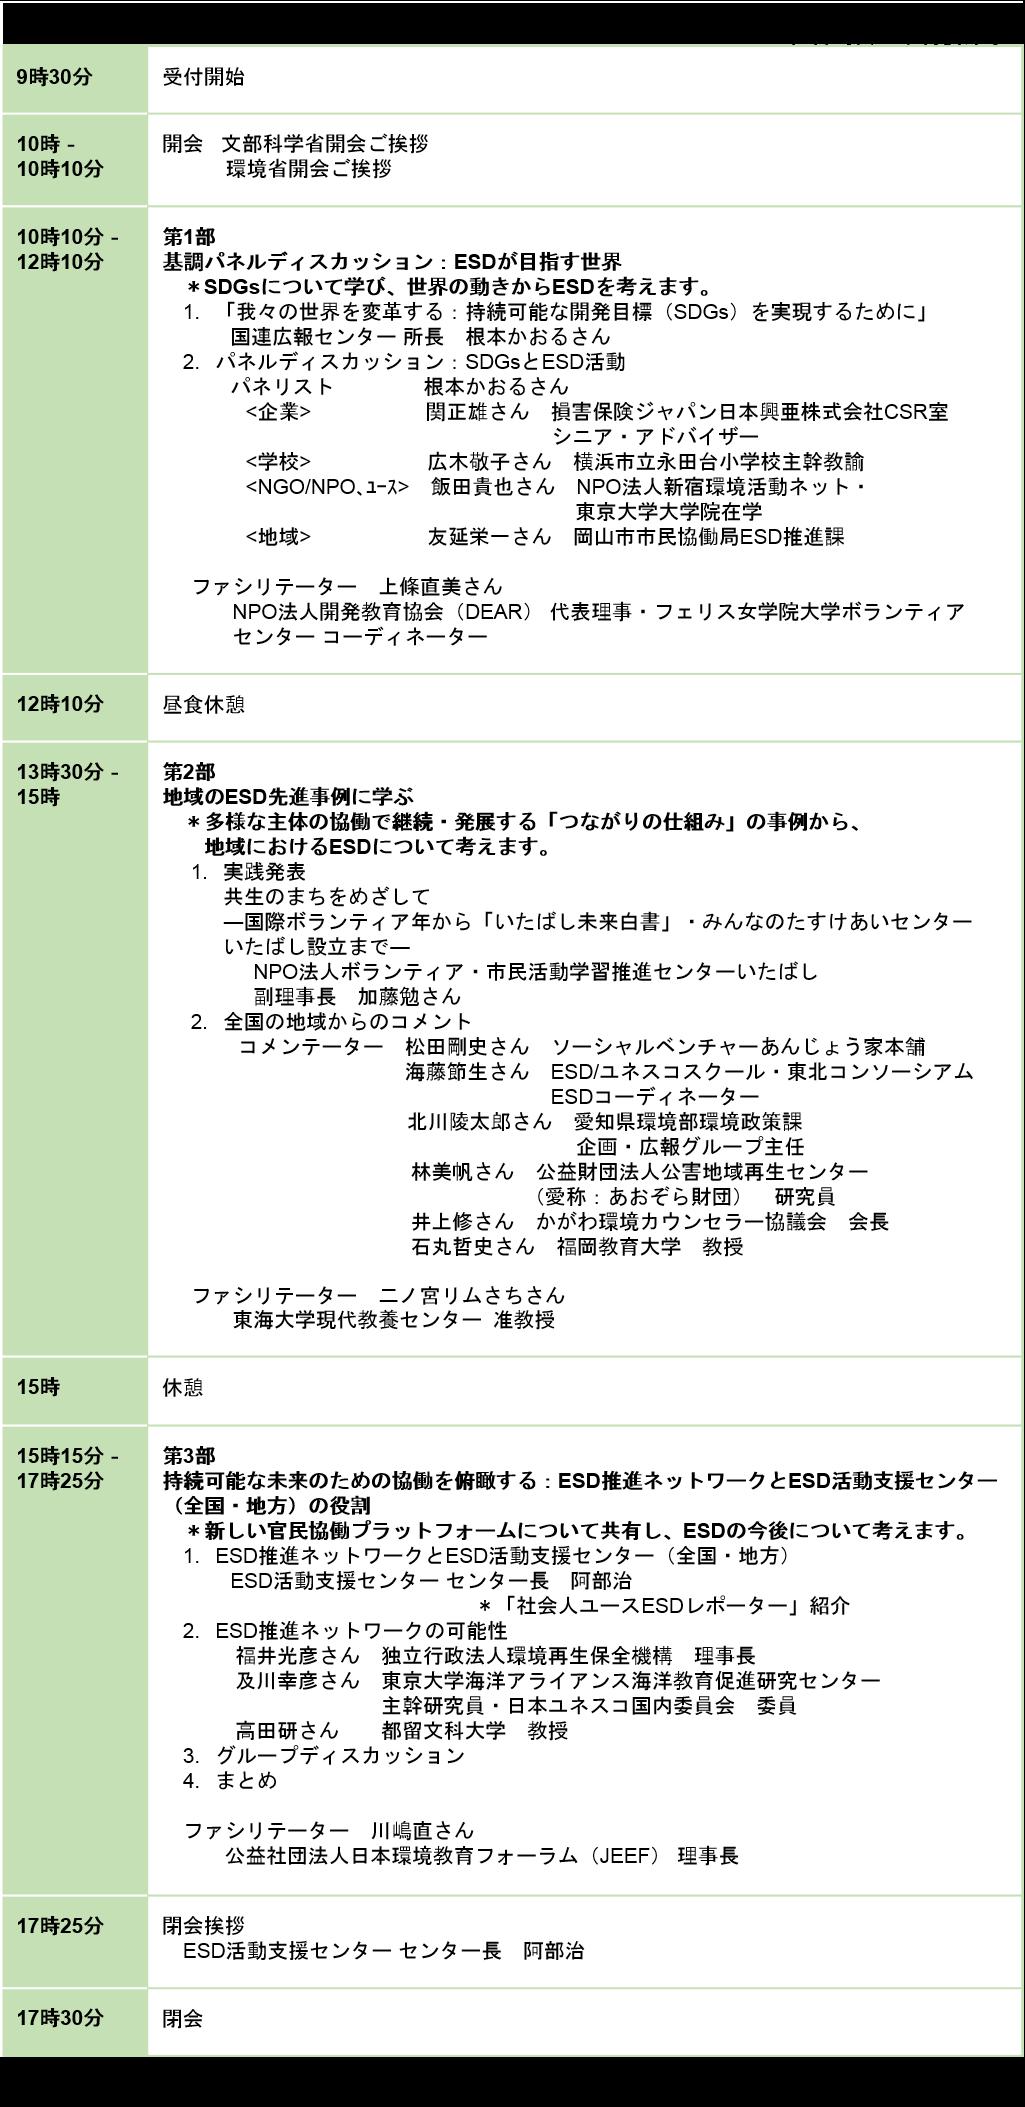 全国フォーラム_プログラム1115版